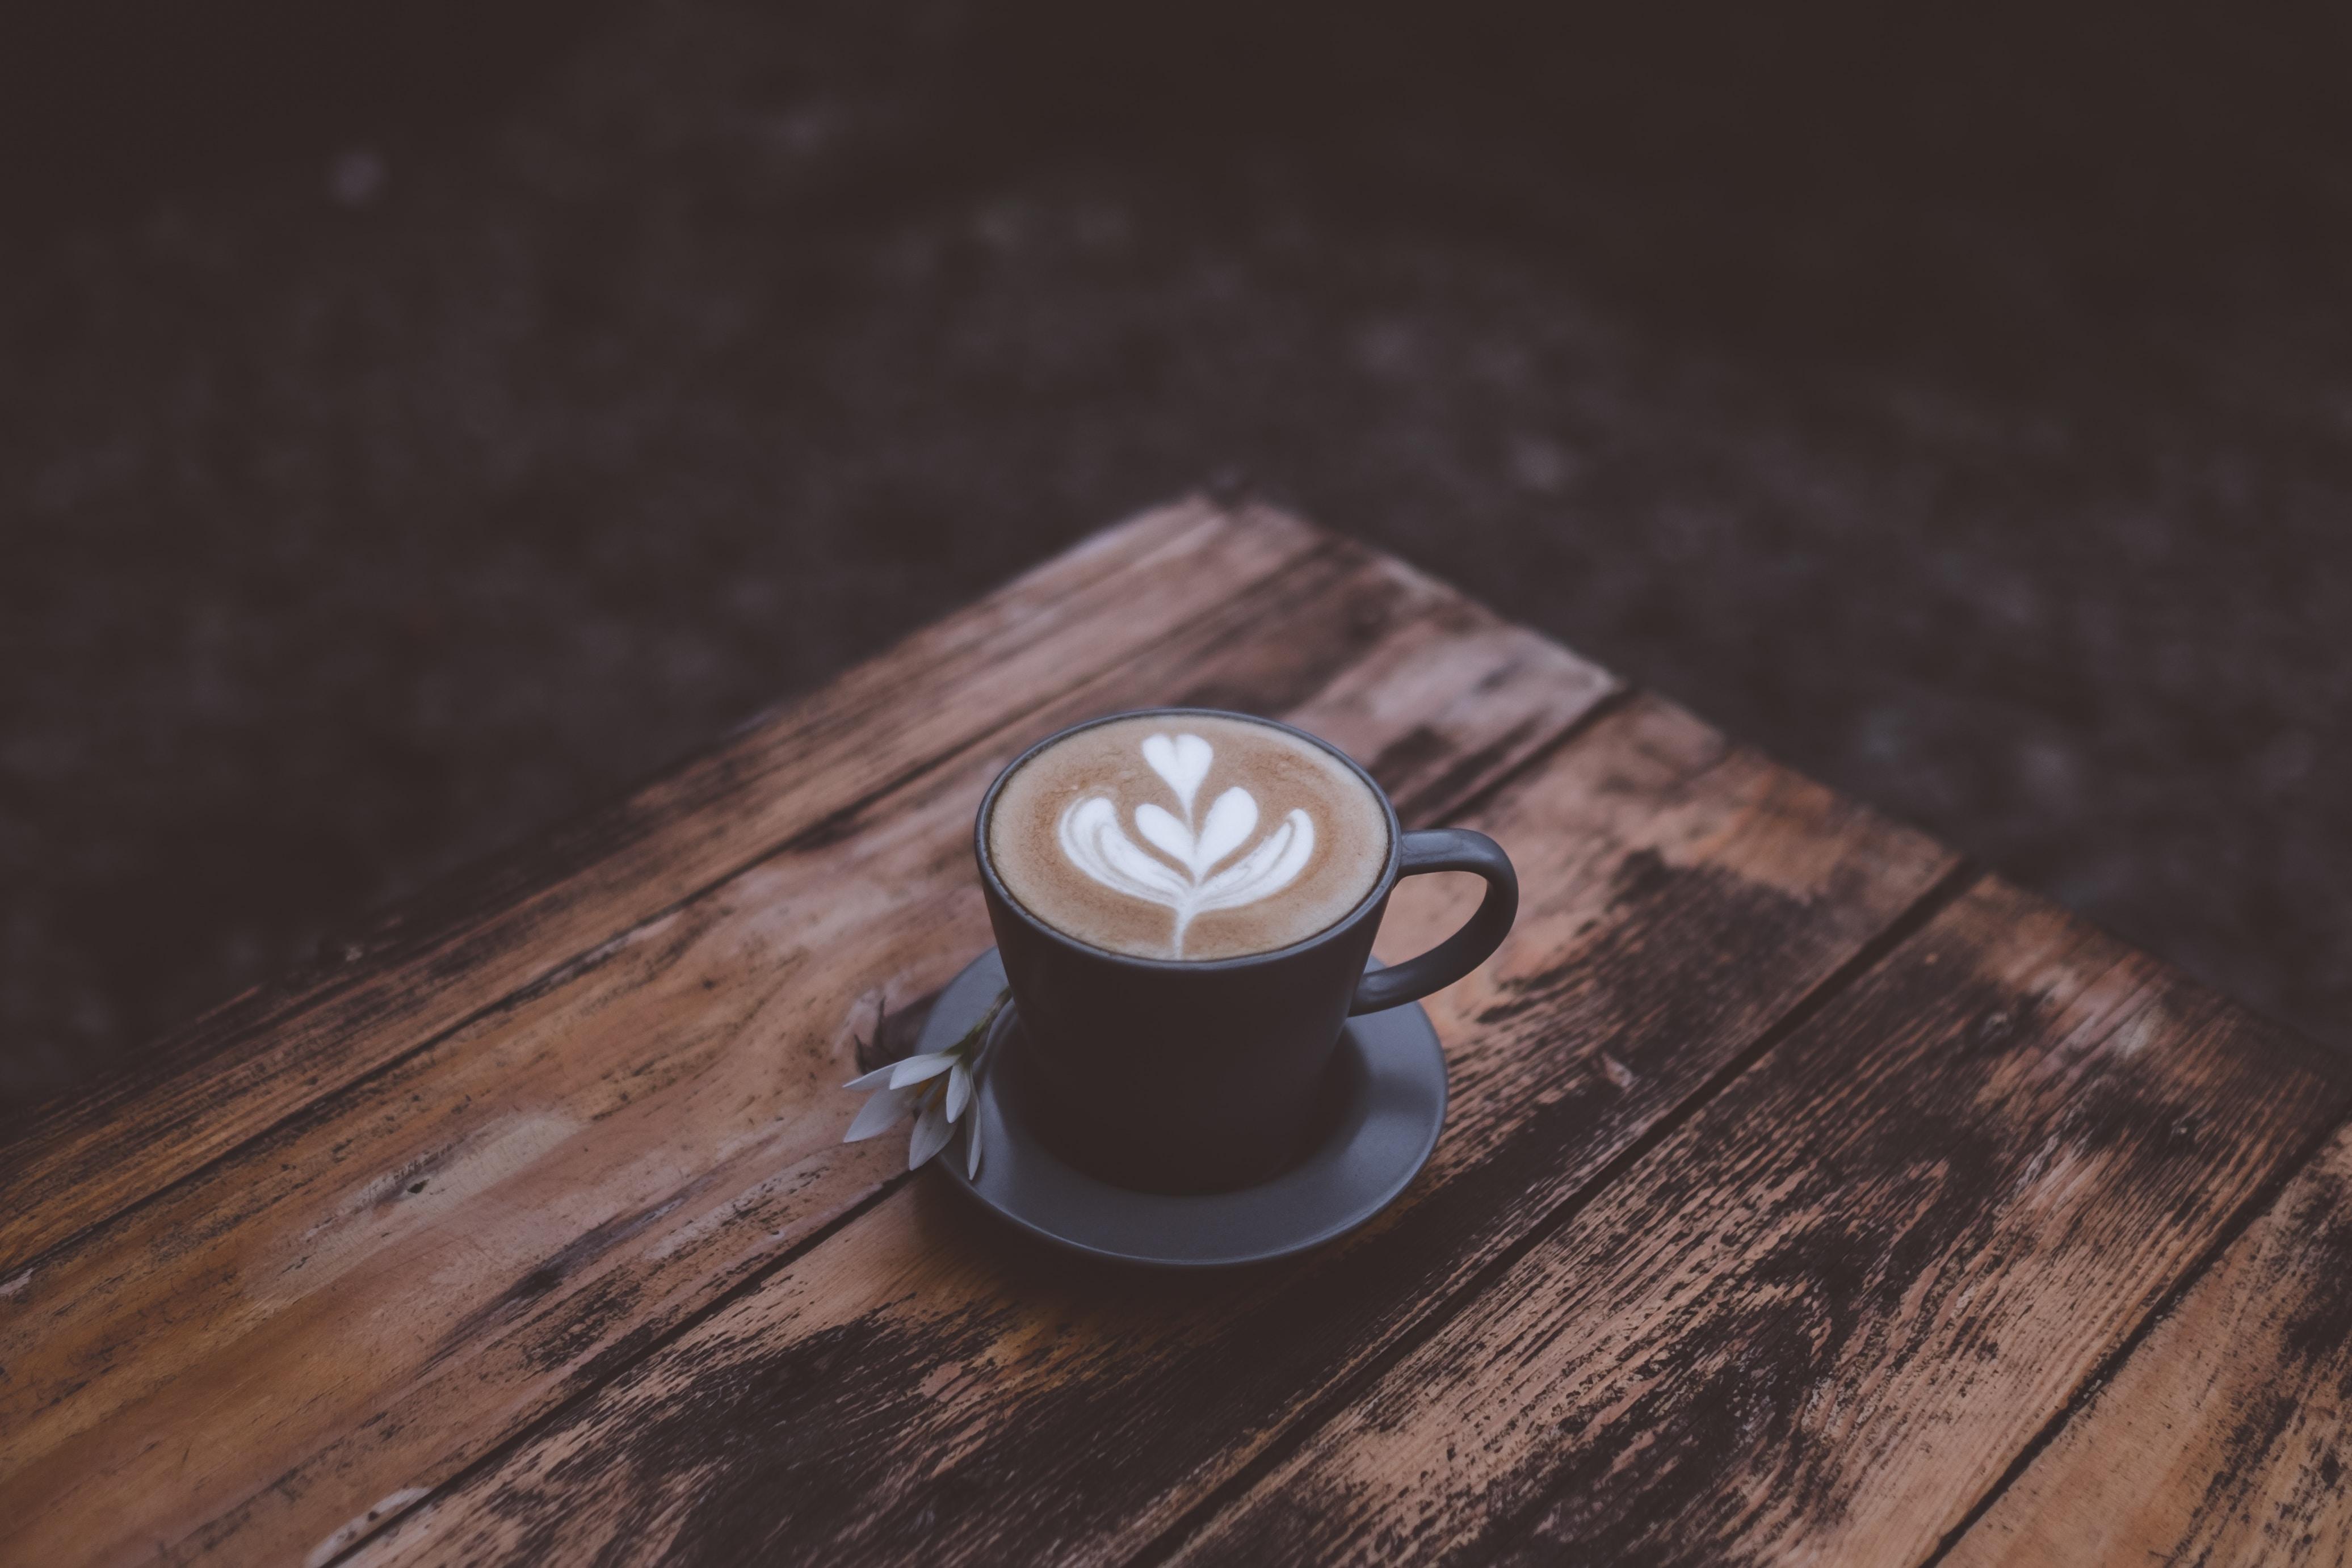 black ceramic mug with latte on table